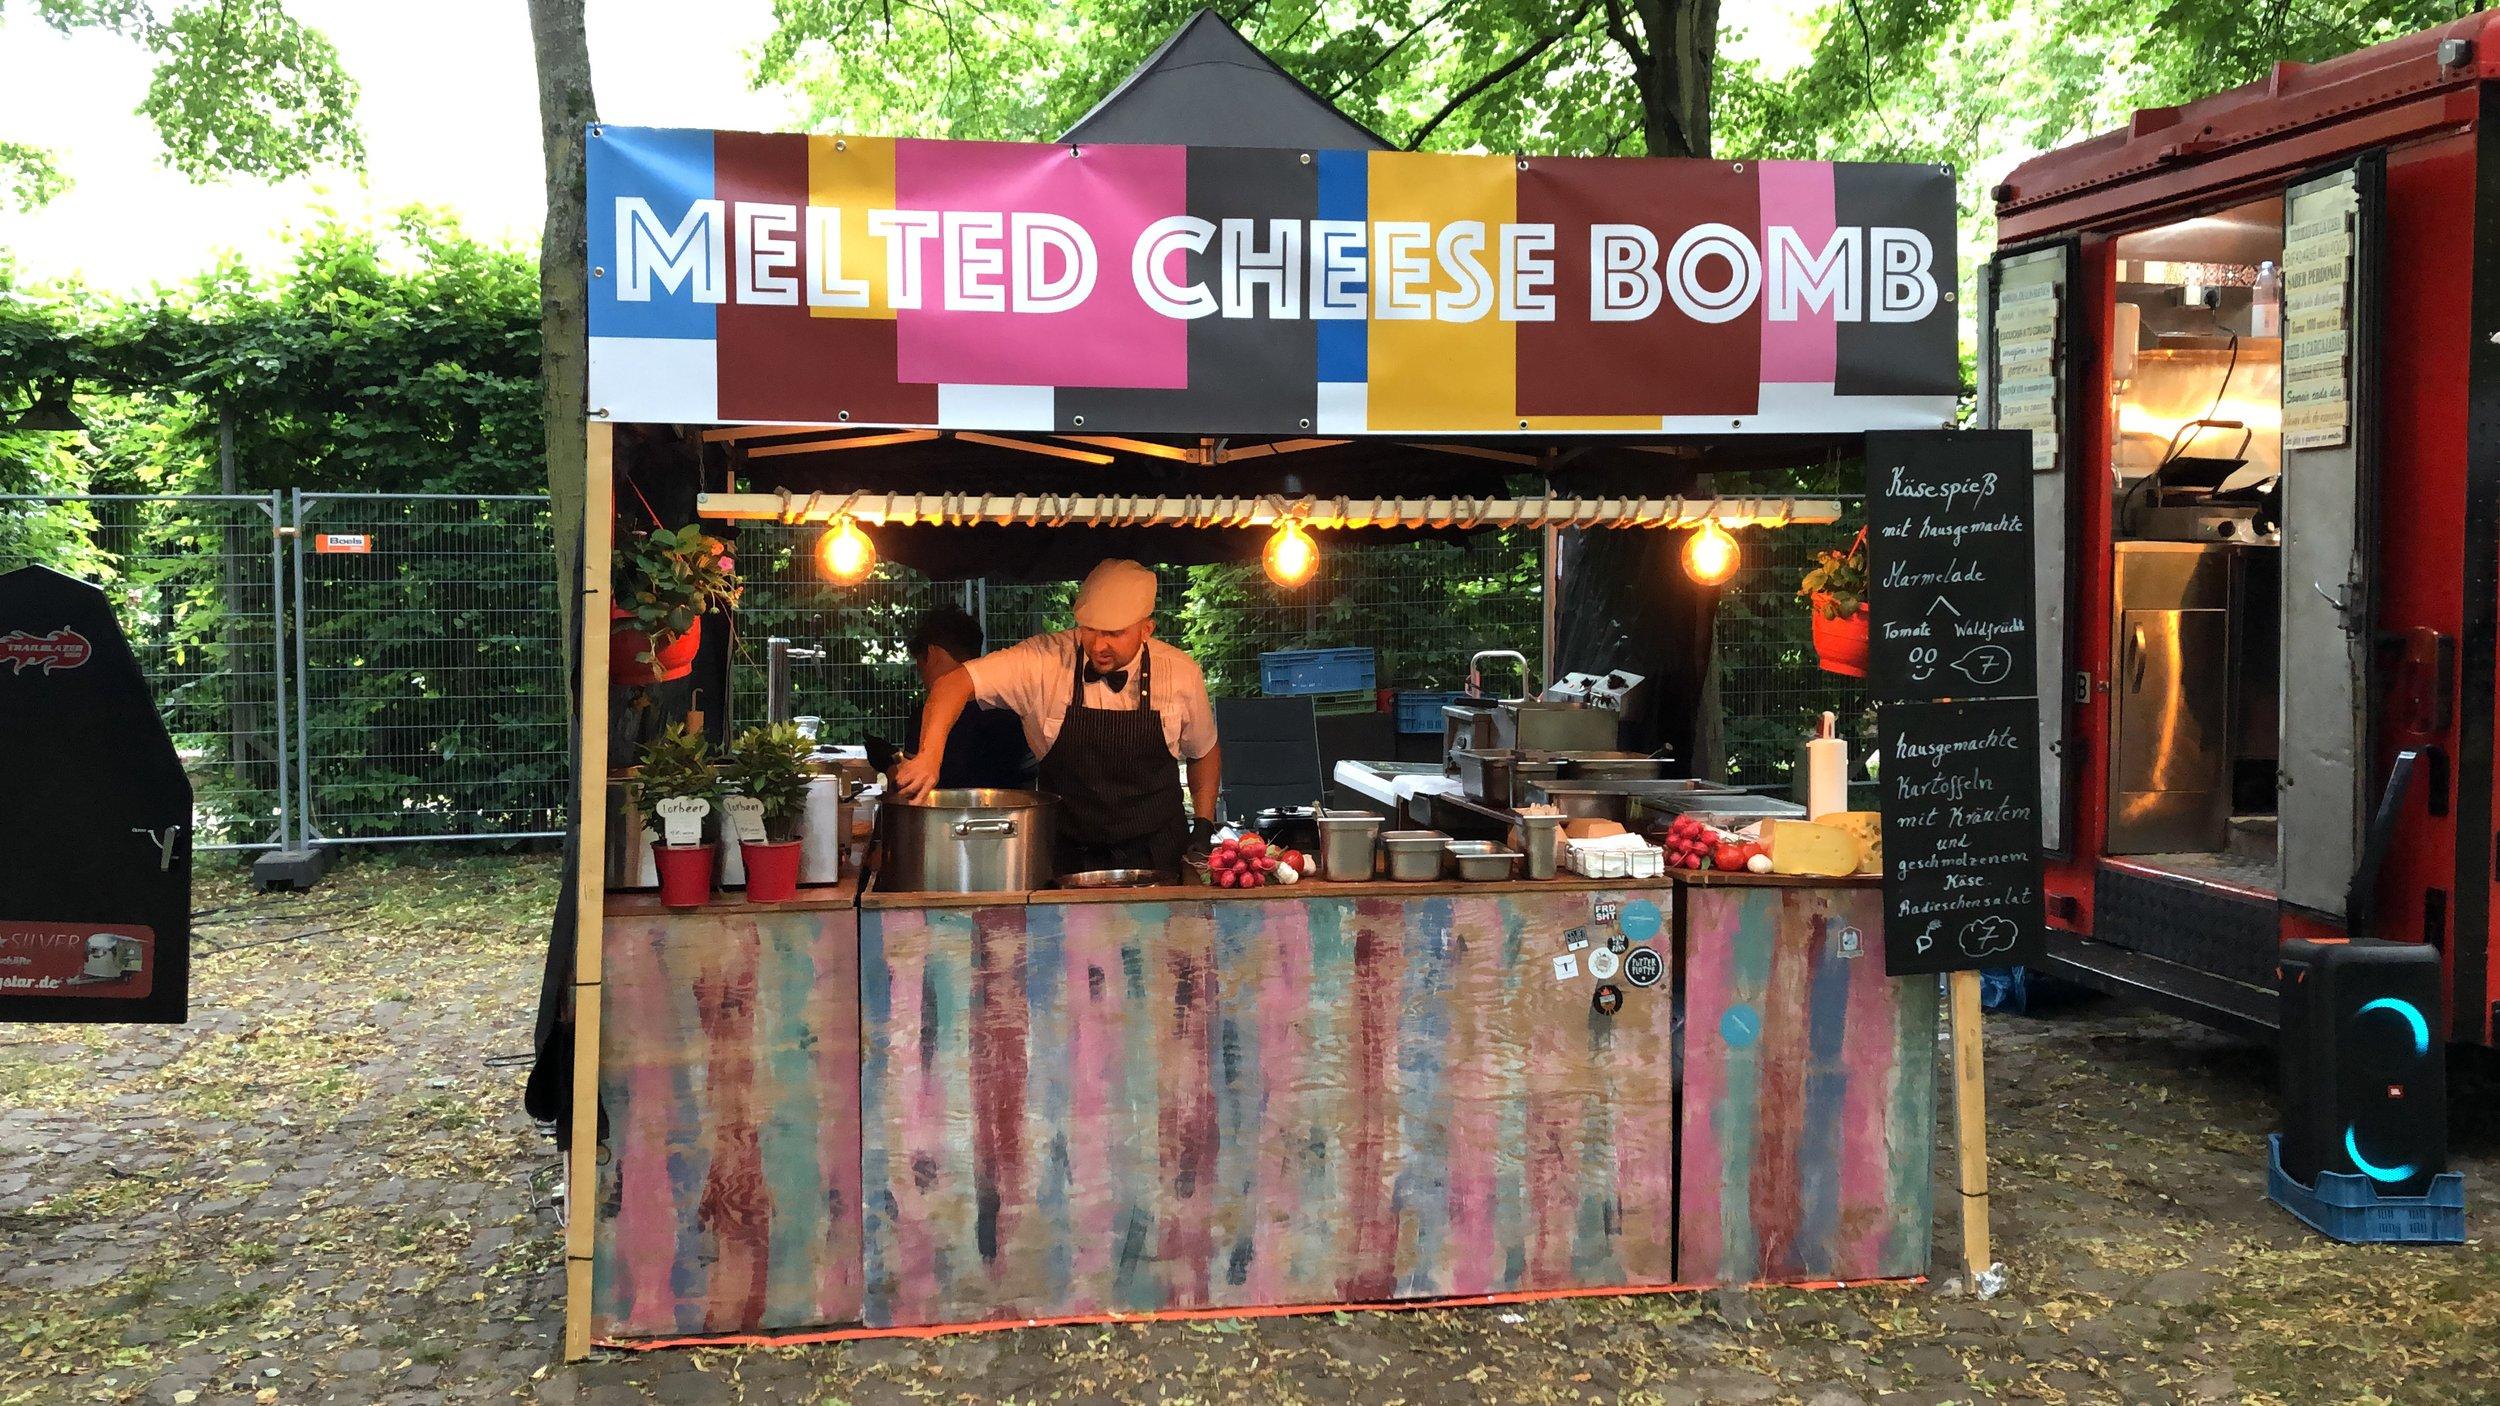 meltedcheesebombstreetfoodfestivalanbieter.JPG